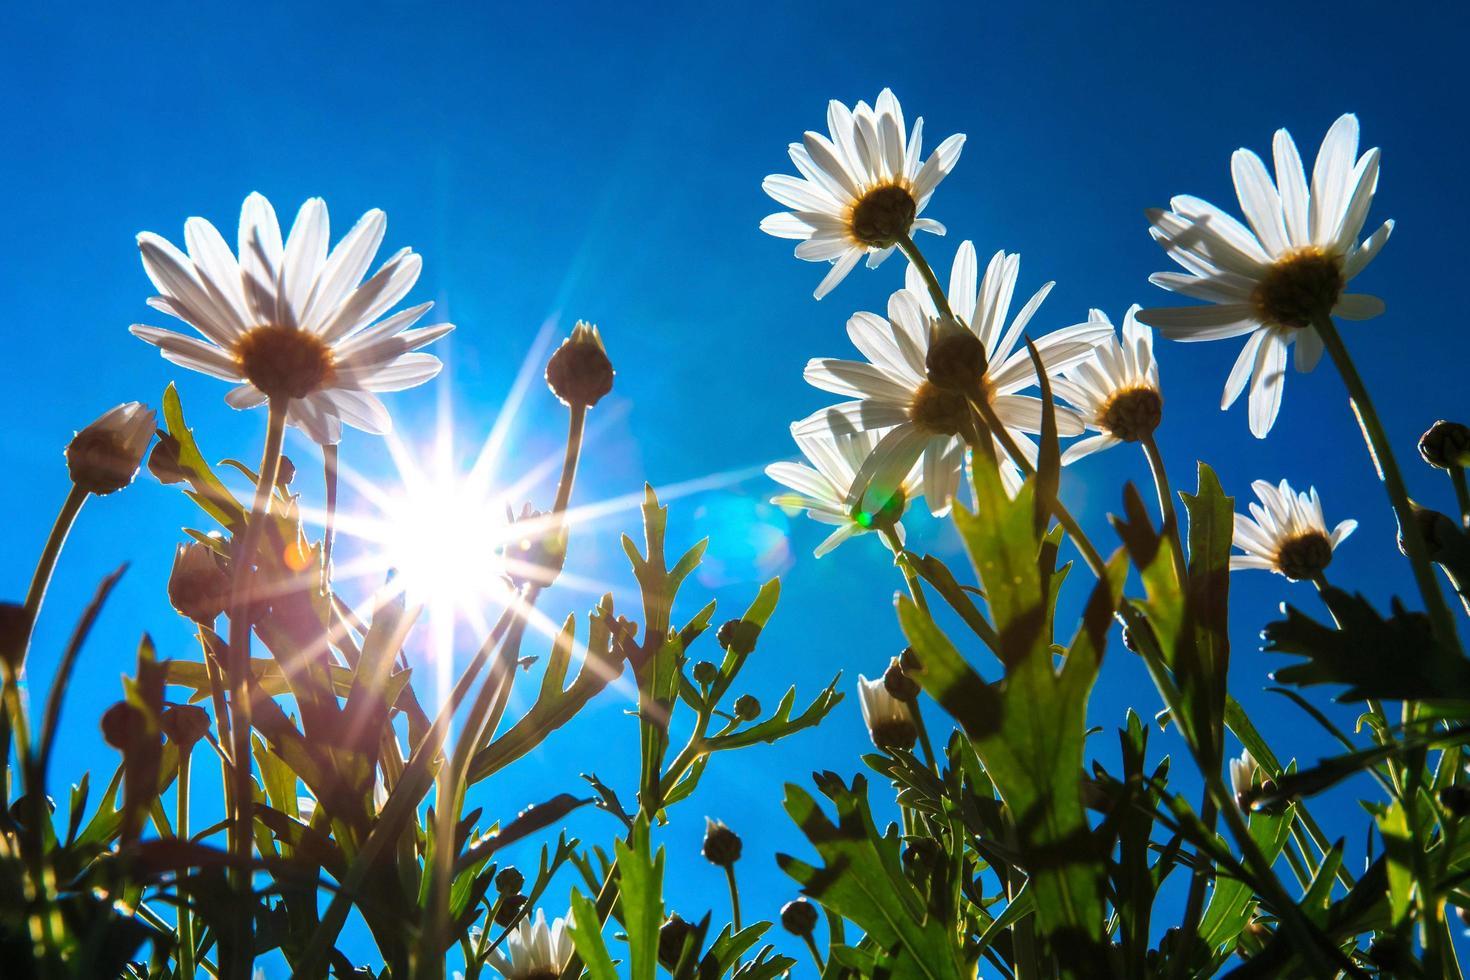 margherite bianche sul cielo blu con luce solare foto